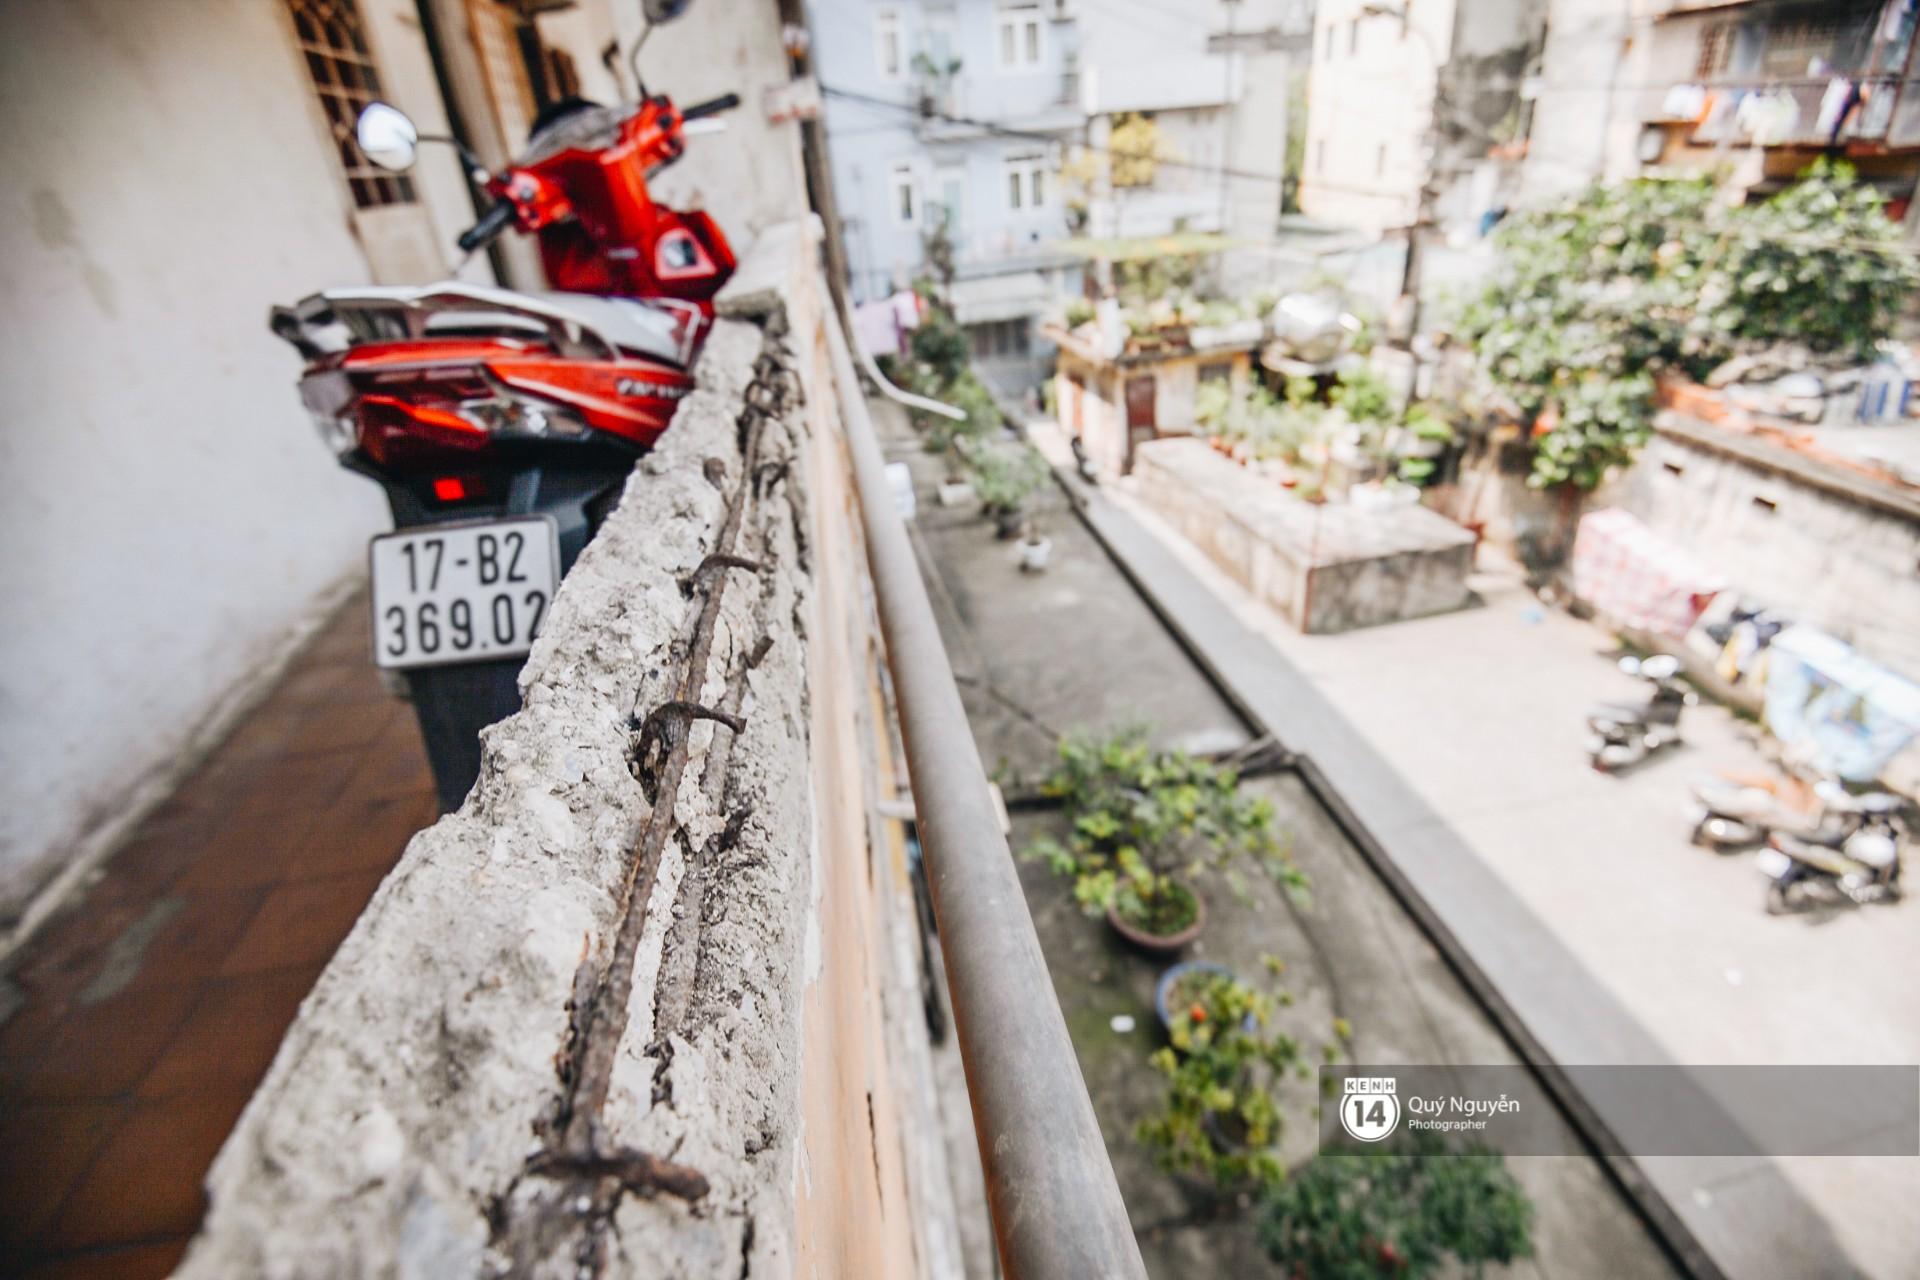 Chùm ảnh: Thấp thỏm sống trong chung cư tử thần đầy những vết nứt ở Hà Nội - Ảnh 9.